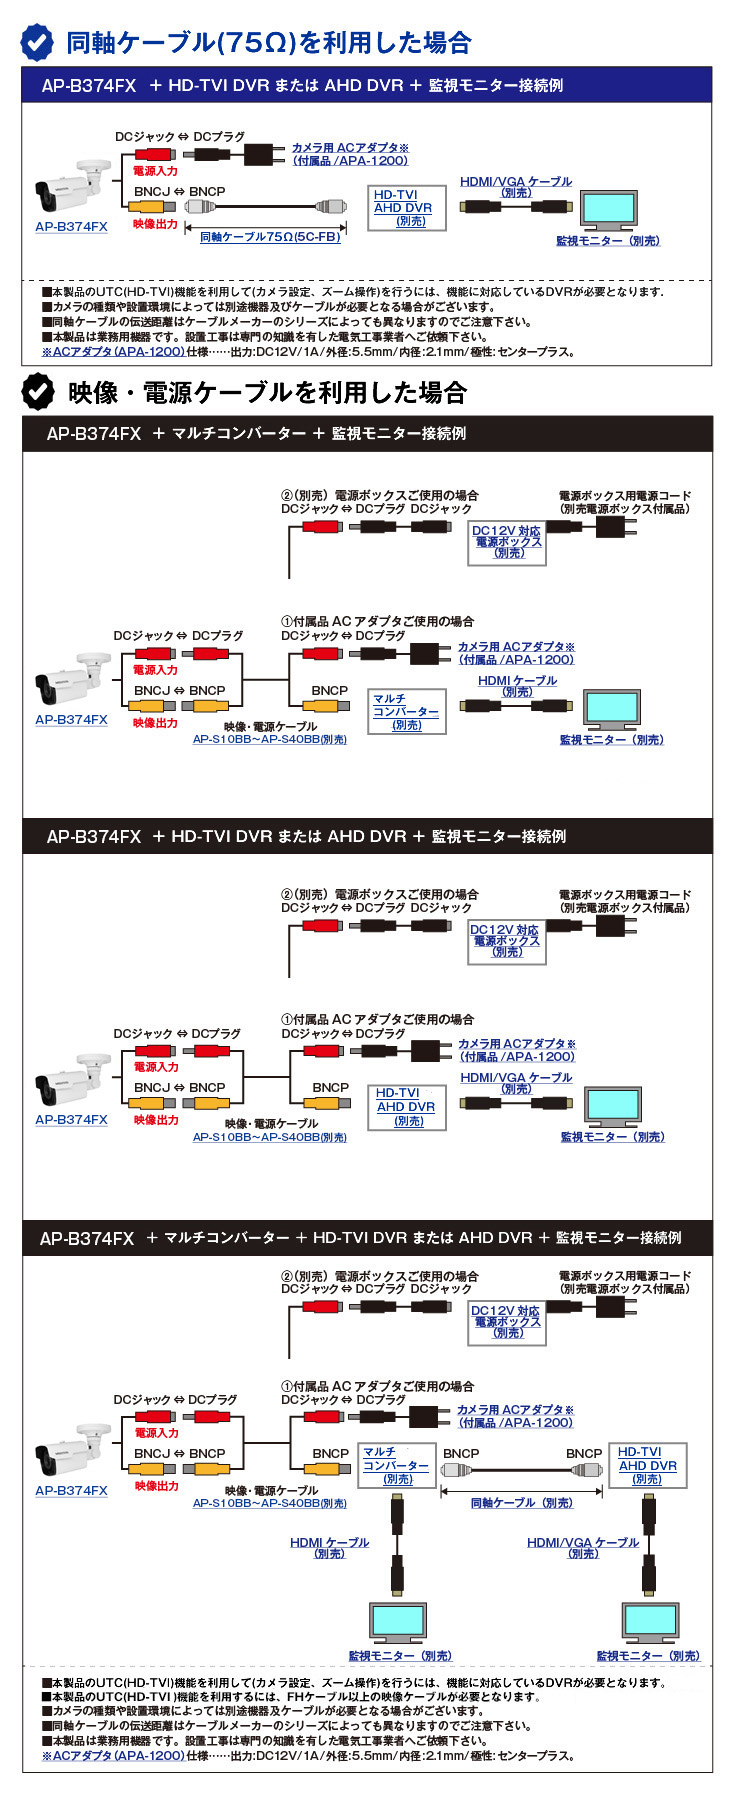 HD-TVI 514万画素防犯カメラ(AP-B374FX)